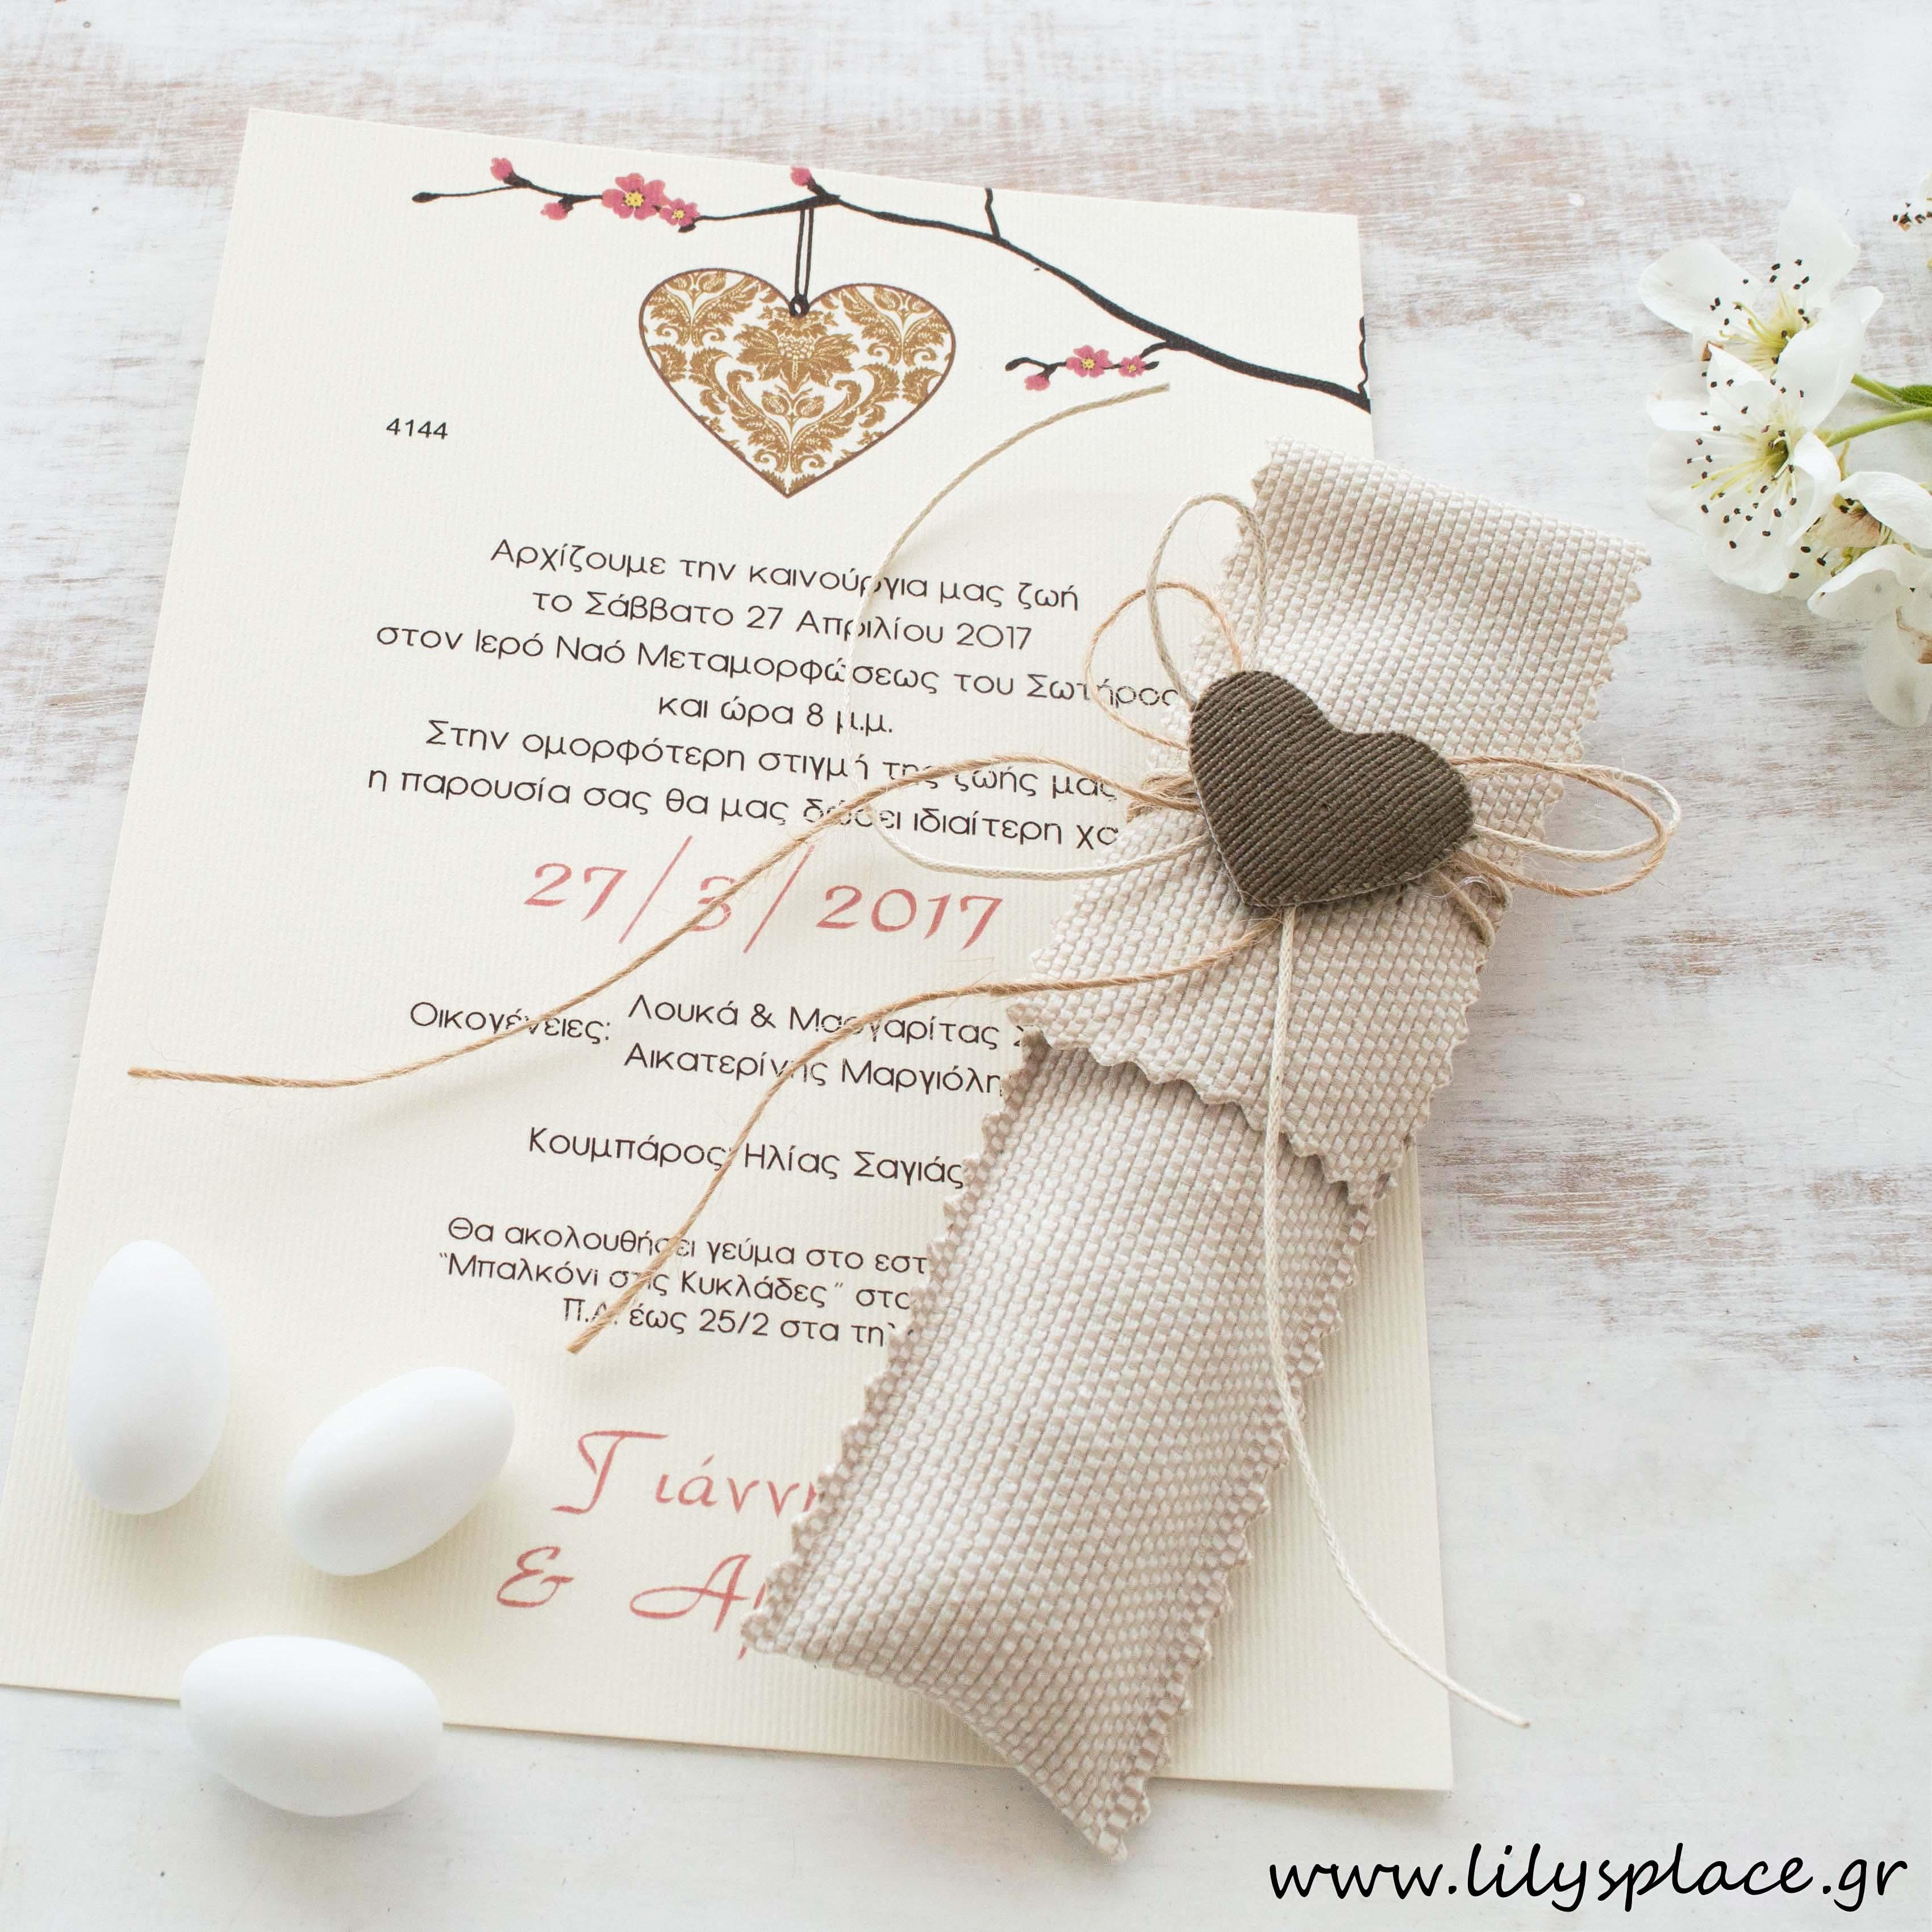 Μπομπονιέρα γάμου υφασμάτινη με καρδούλα